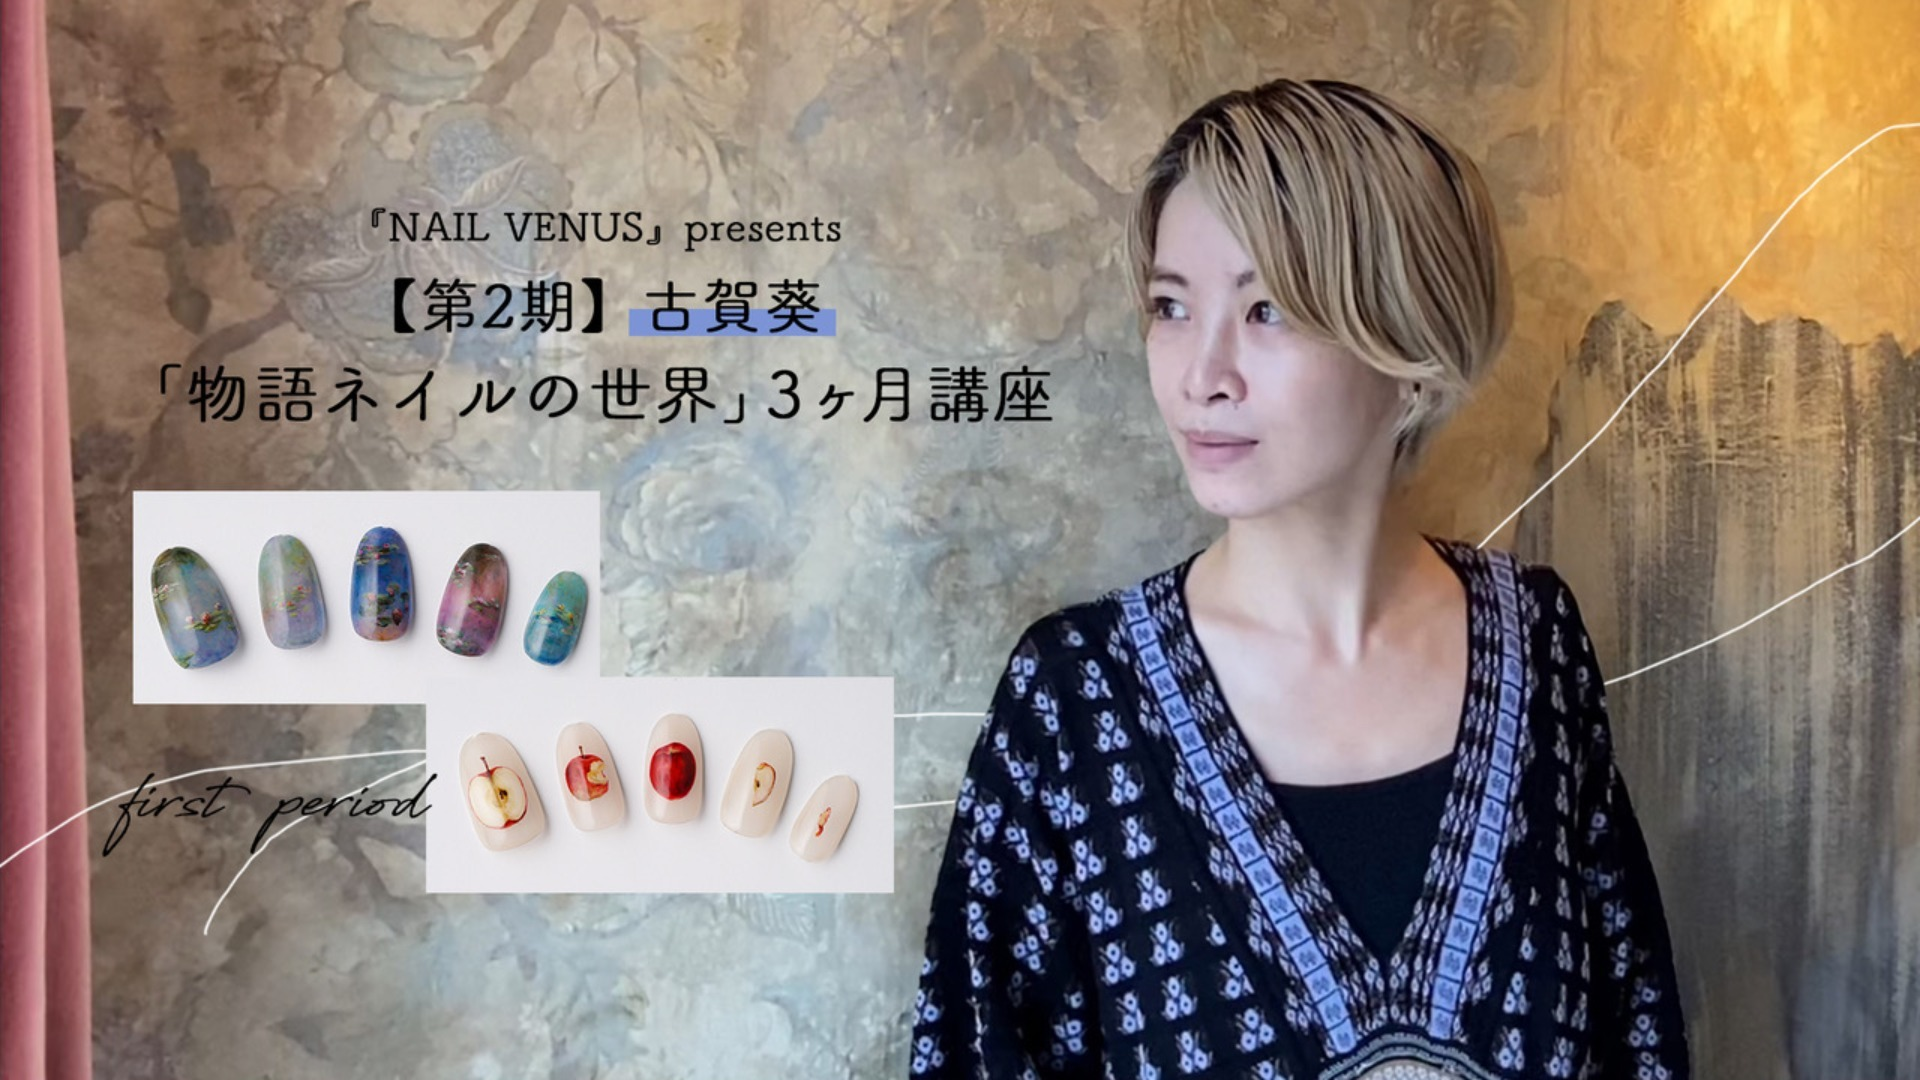 【第2期】古賀葵「物語ネイルの世界」3ヶ月講座